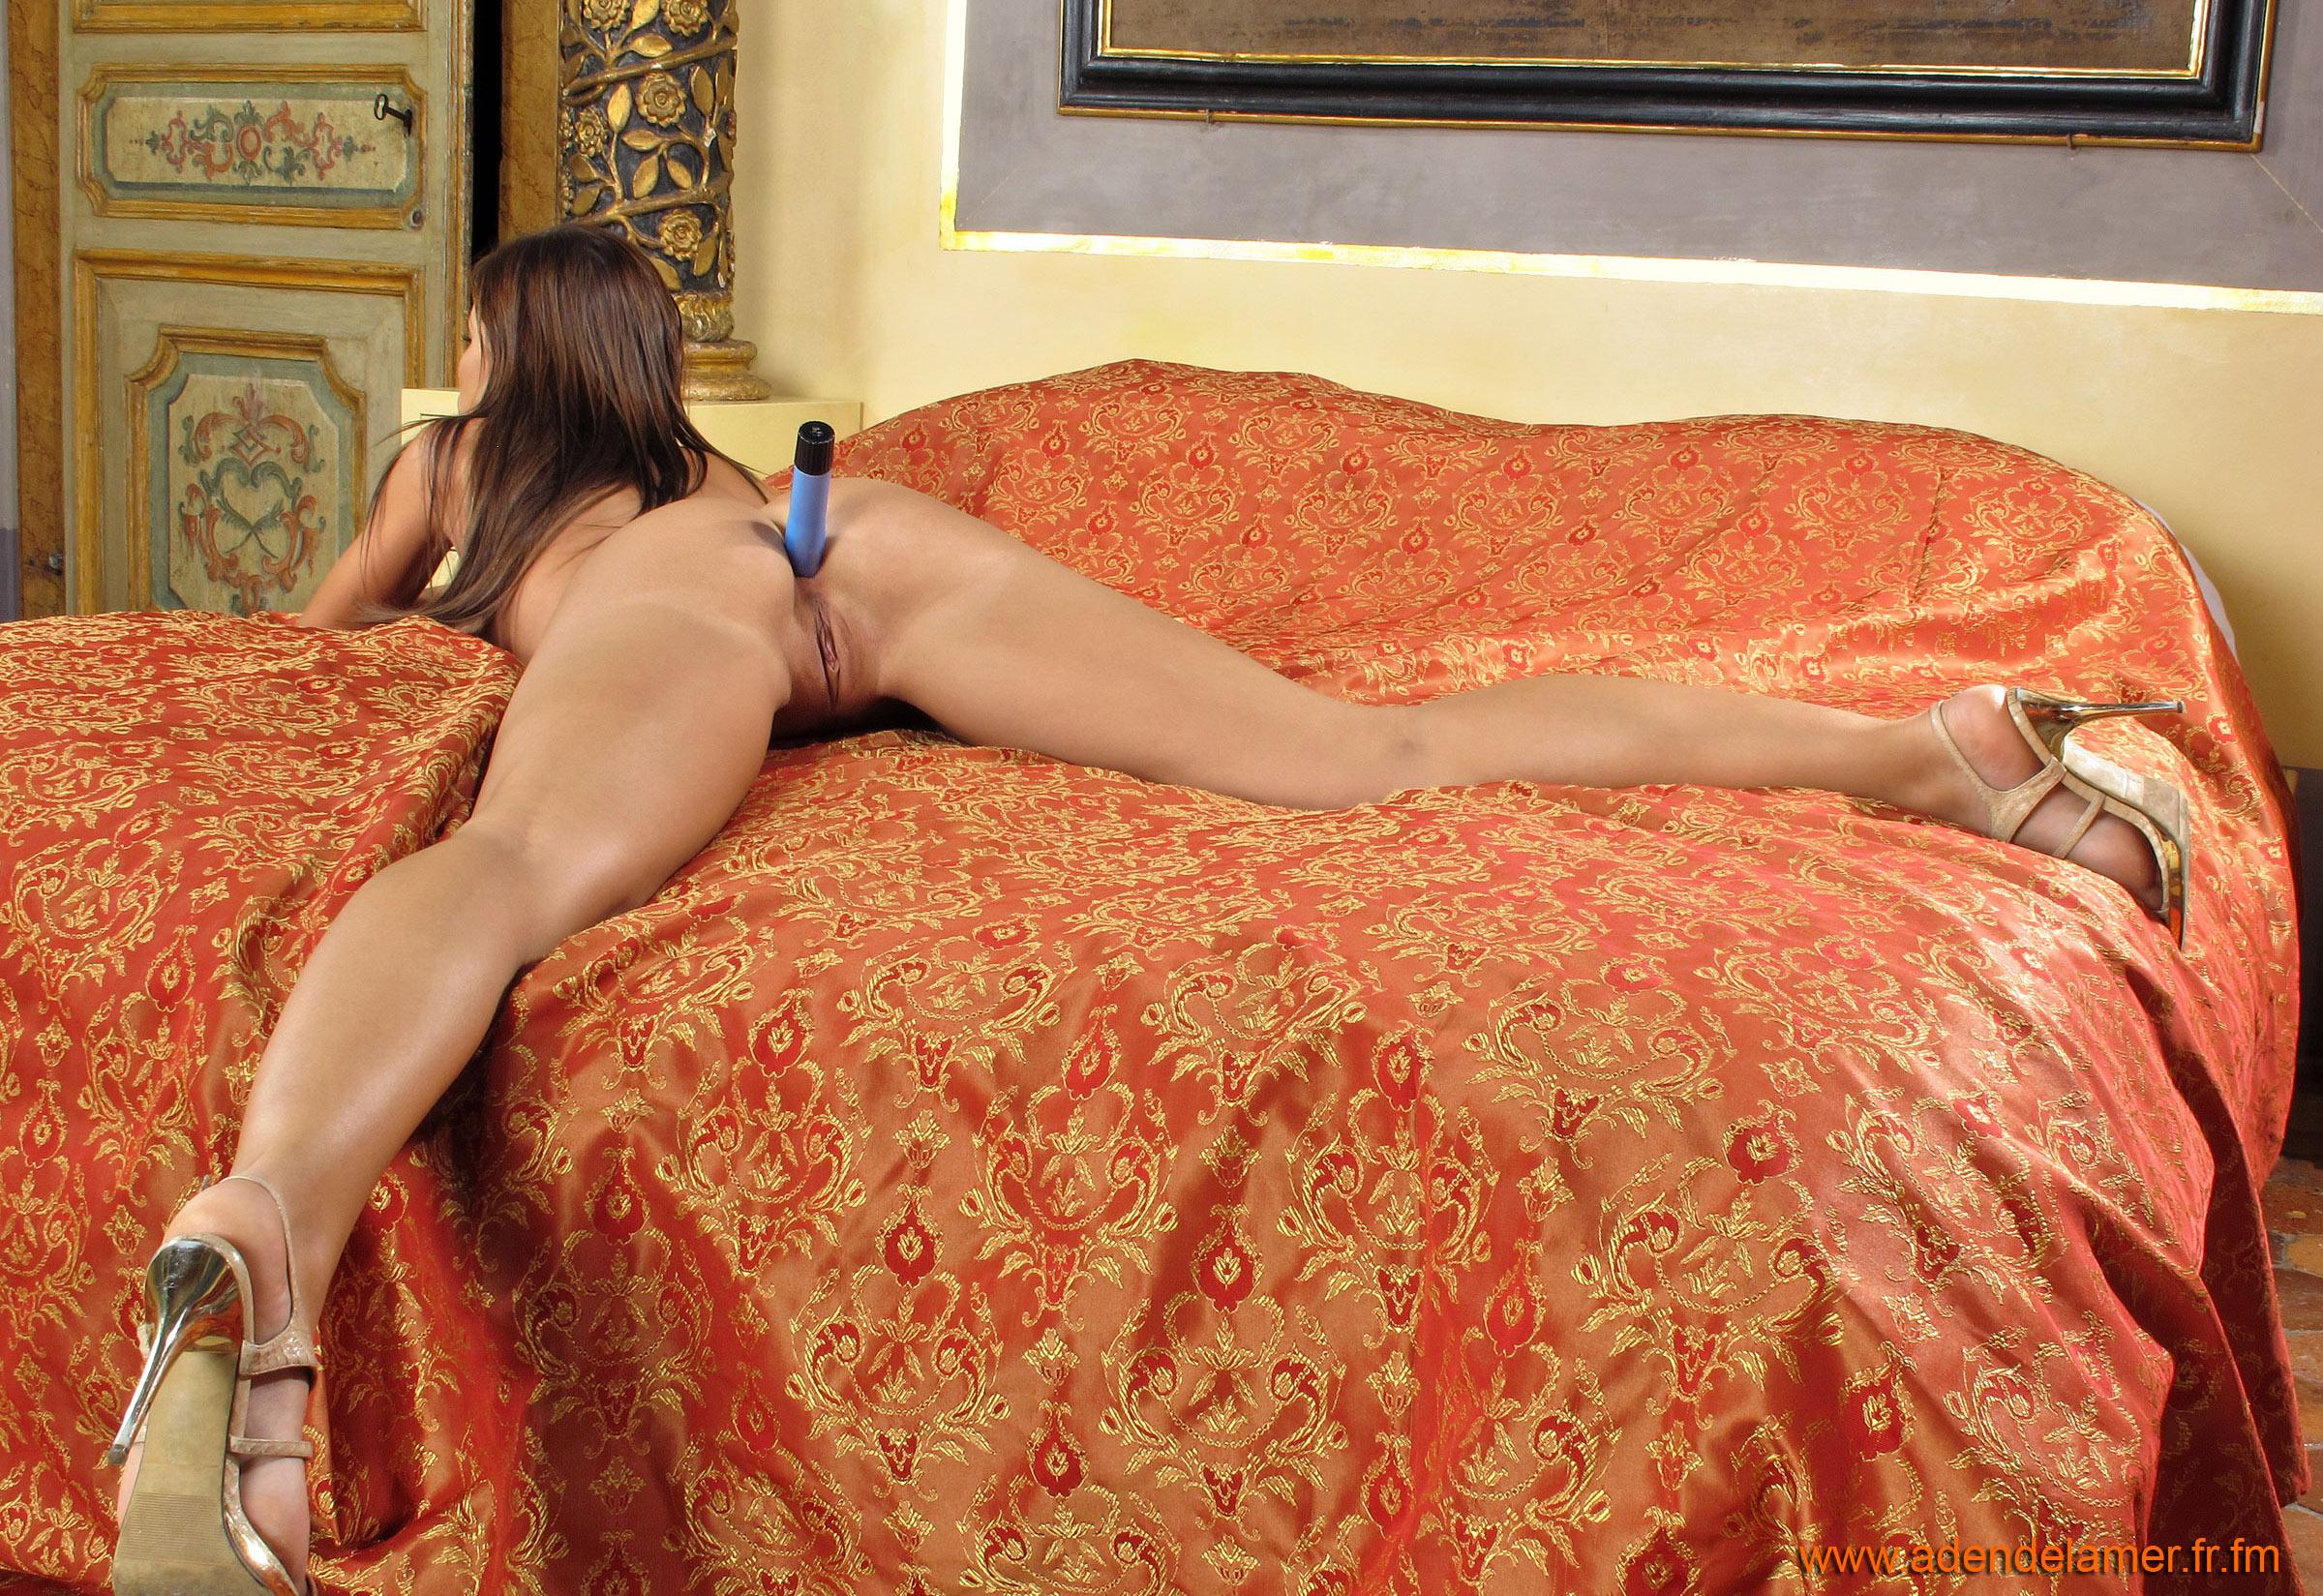 Секс зят и тёща смотреть онлайн бесплатно и без регистрации 8 фотография